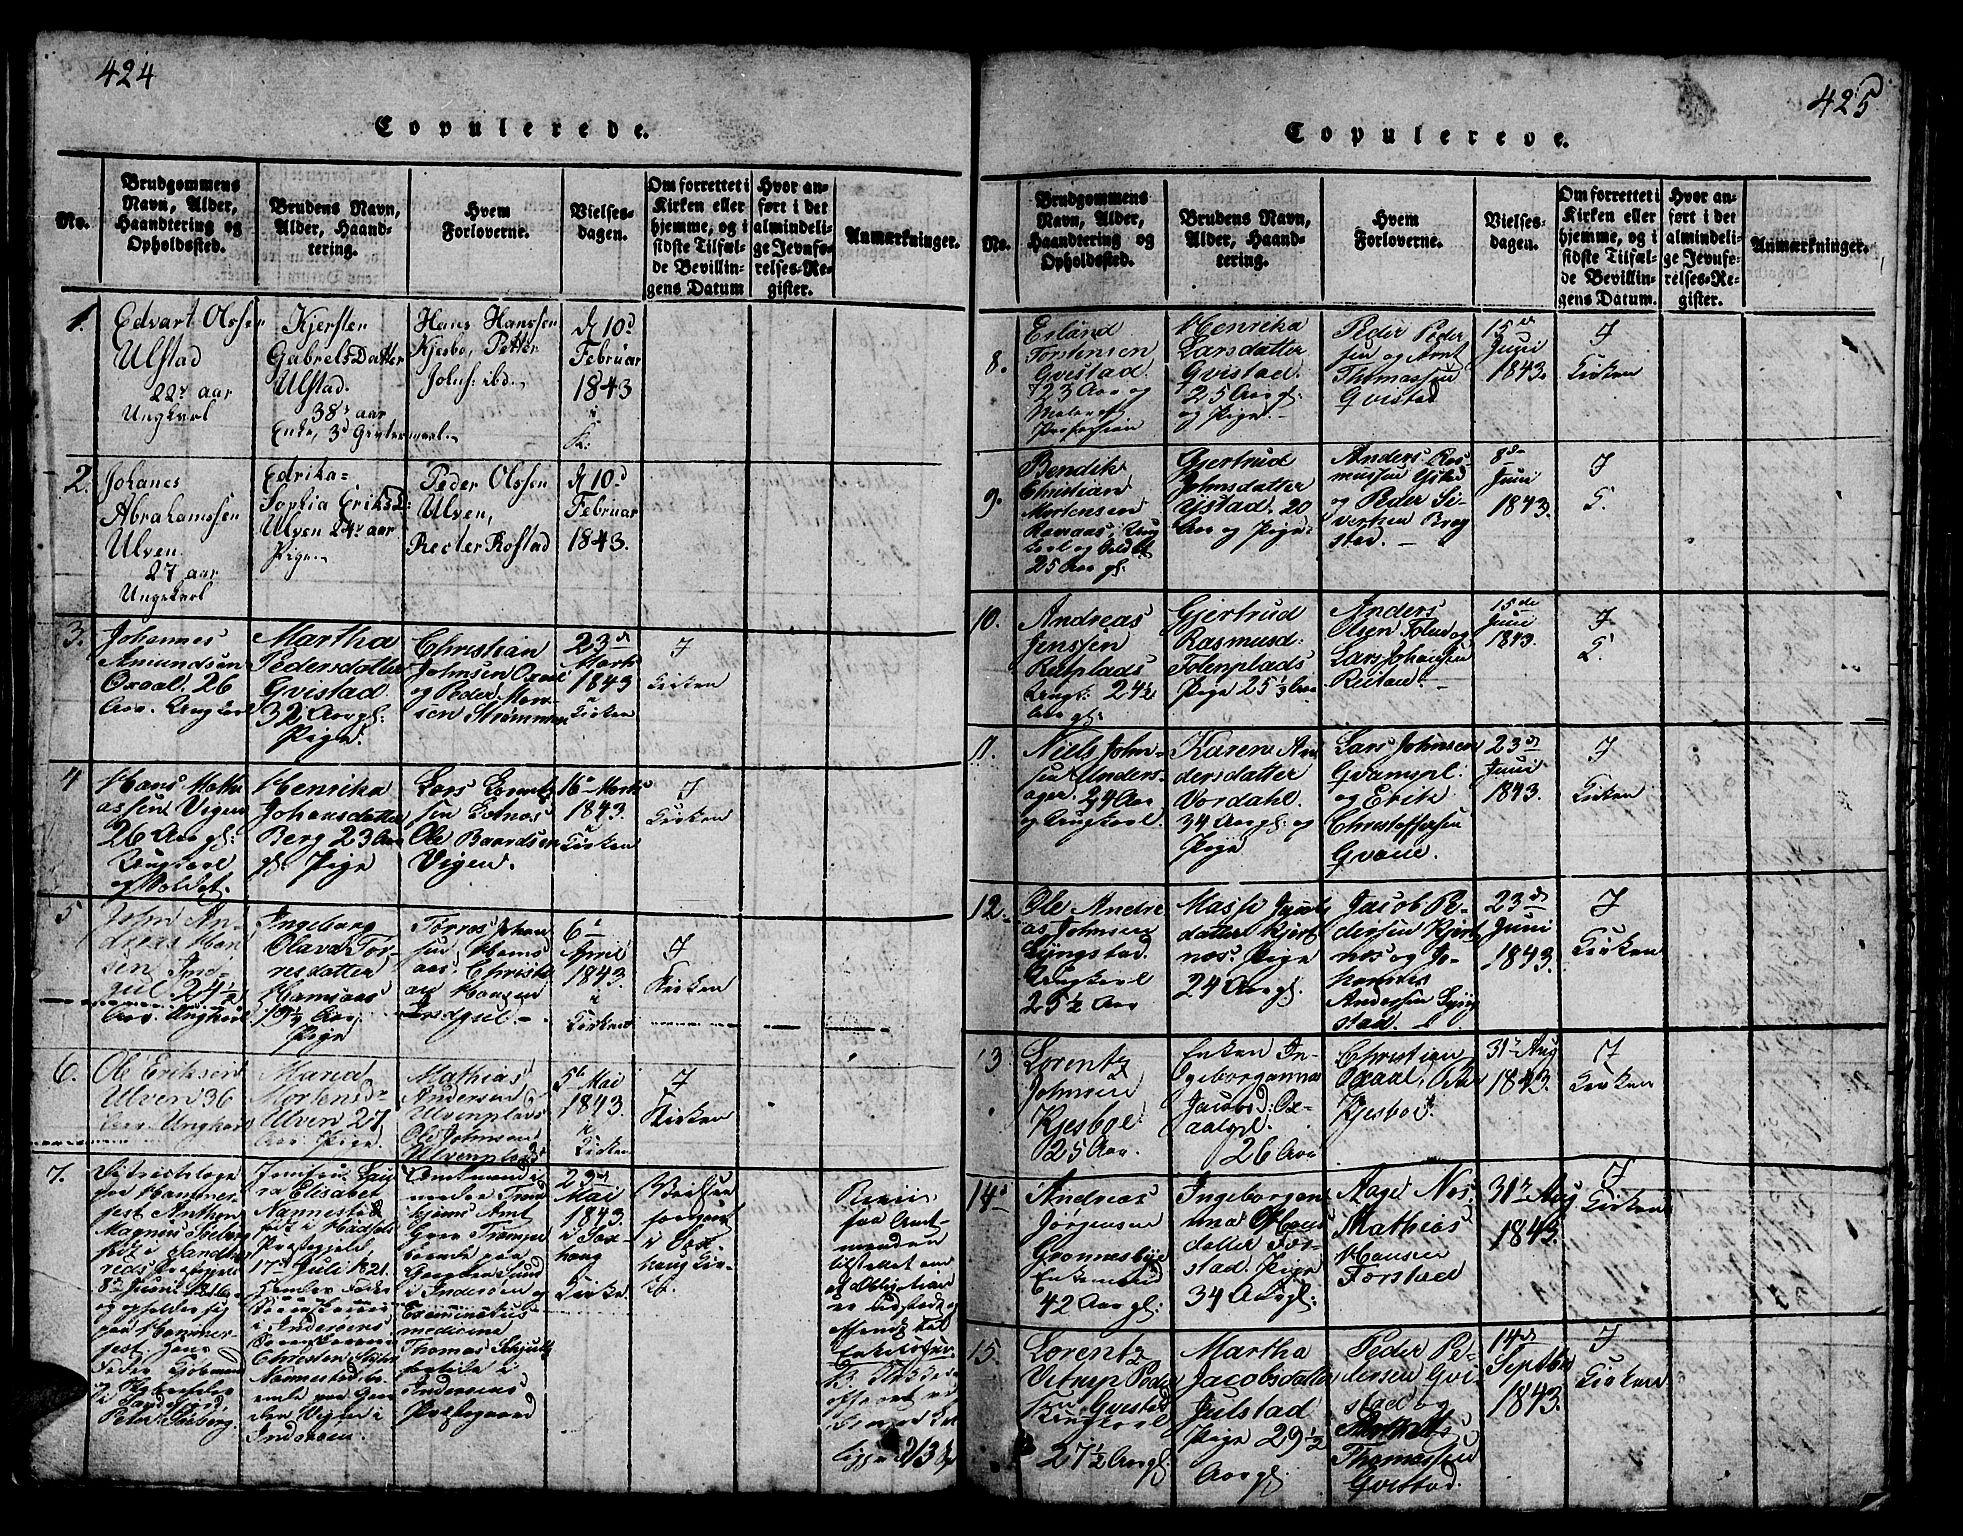 SAT, Ministerialprotokoller, klokkerbøker og fødselsregistre - Nord-Trøndelag, 730/L0298: Klokkerbok nr. 730C01, 1816-1849, s. 424-425